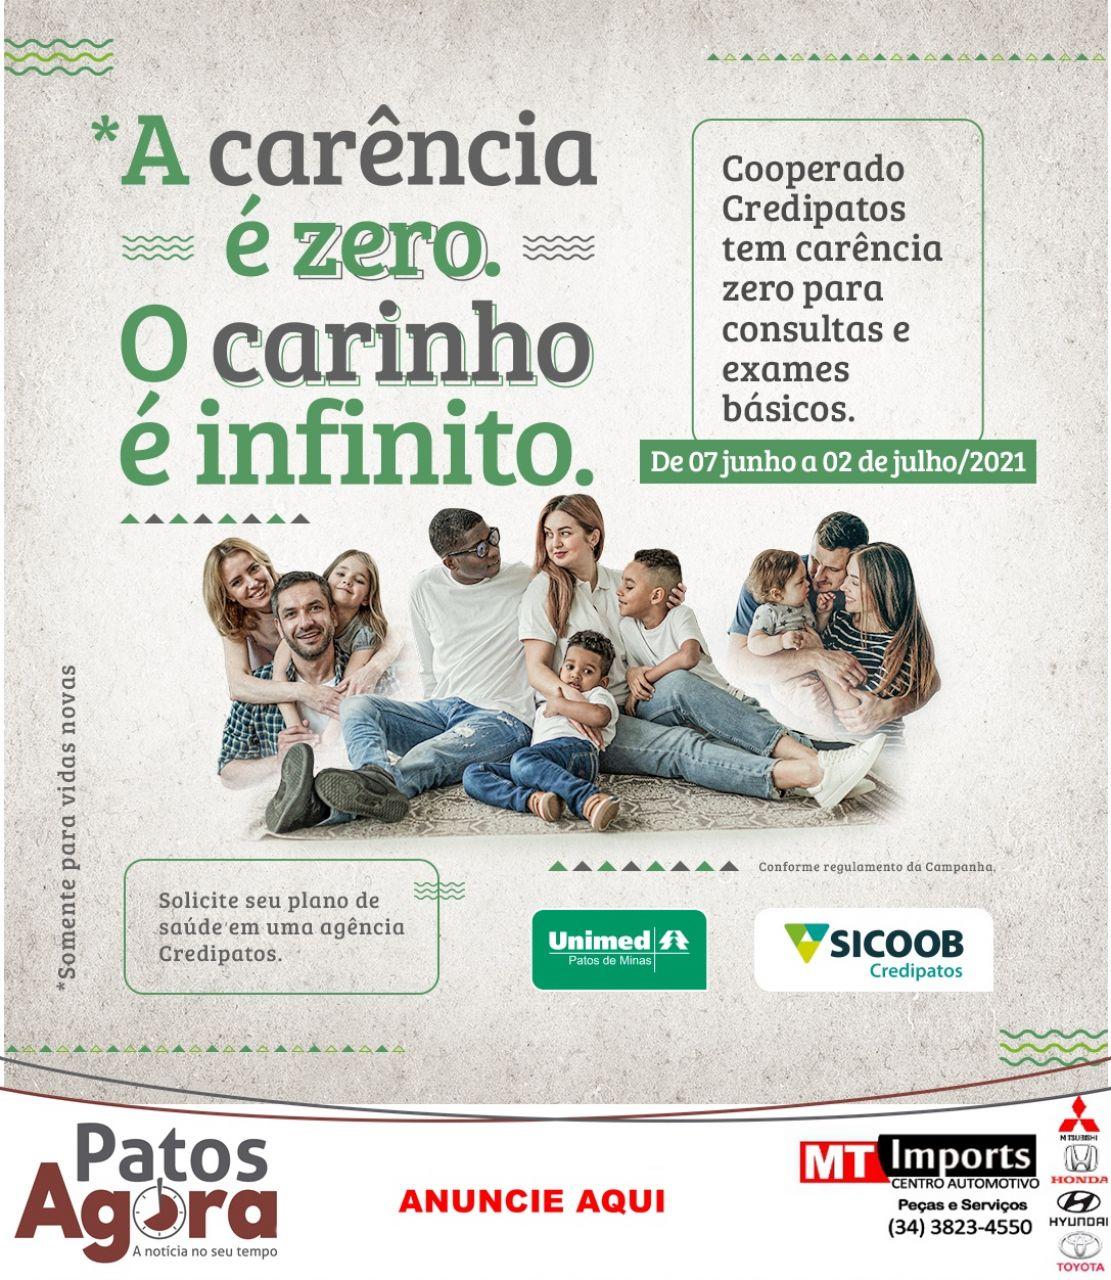 Sicoob Credipatos oferece *carência zero em Plano de Saúde Unimed